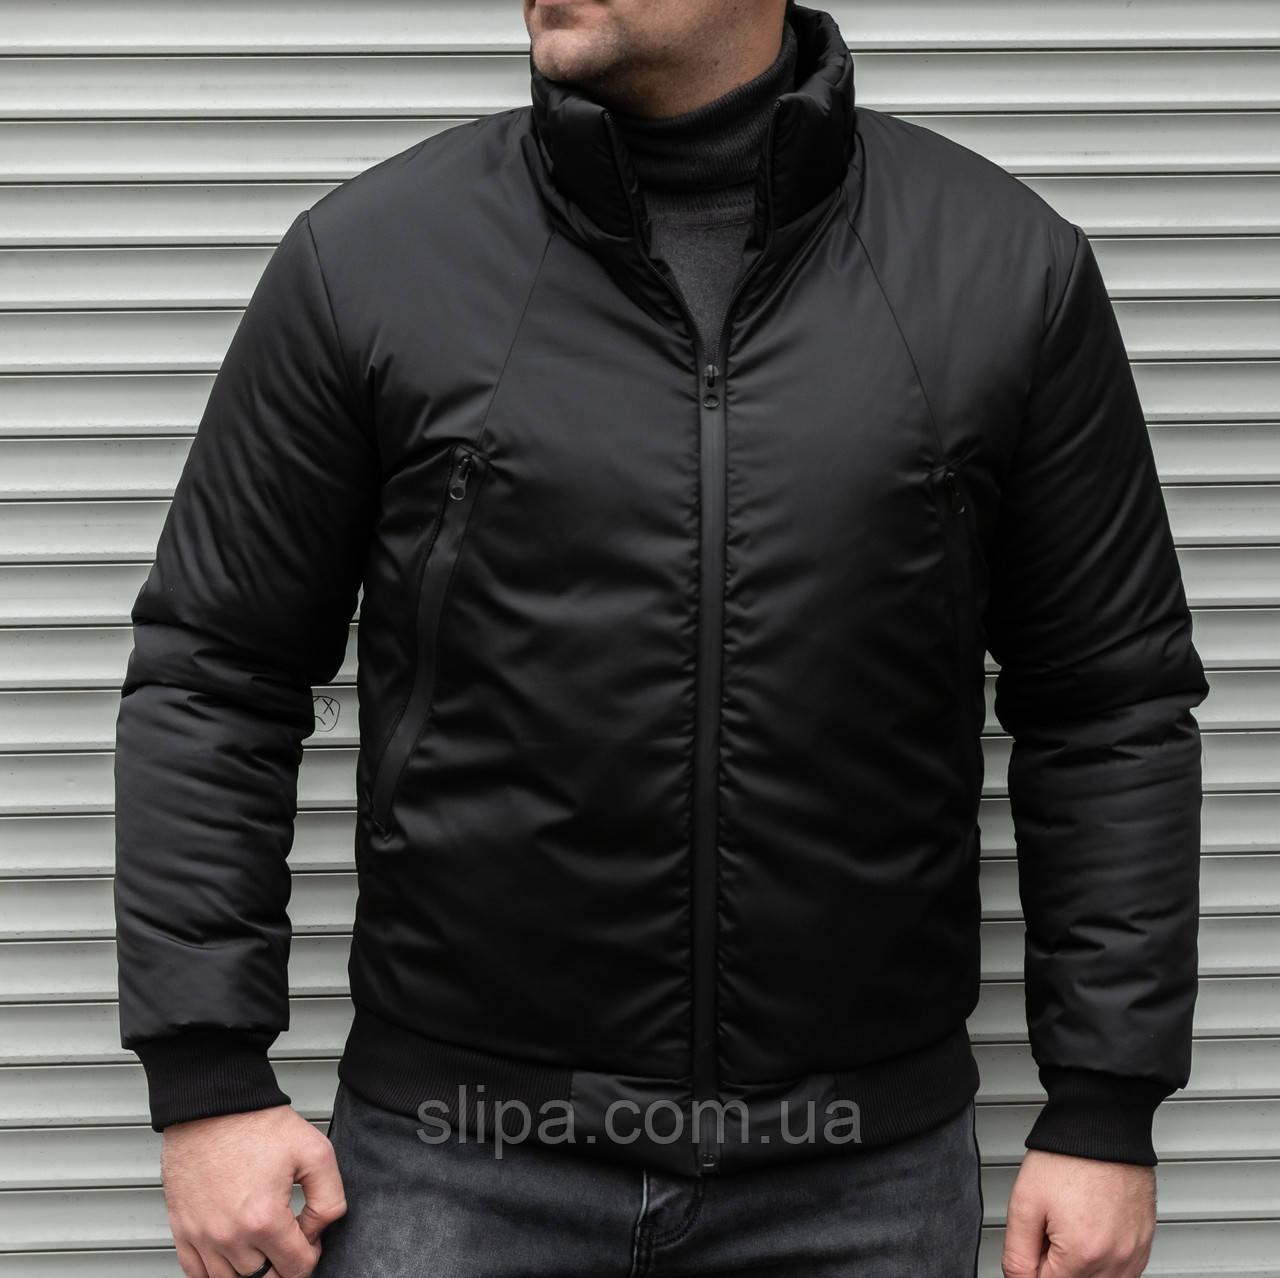 Мужская утепленная куртка бомбер чёрная